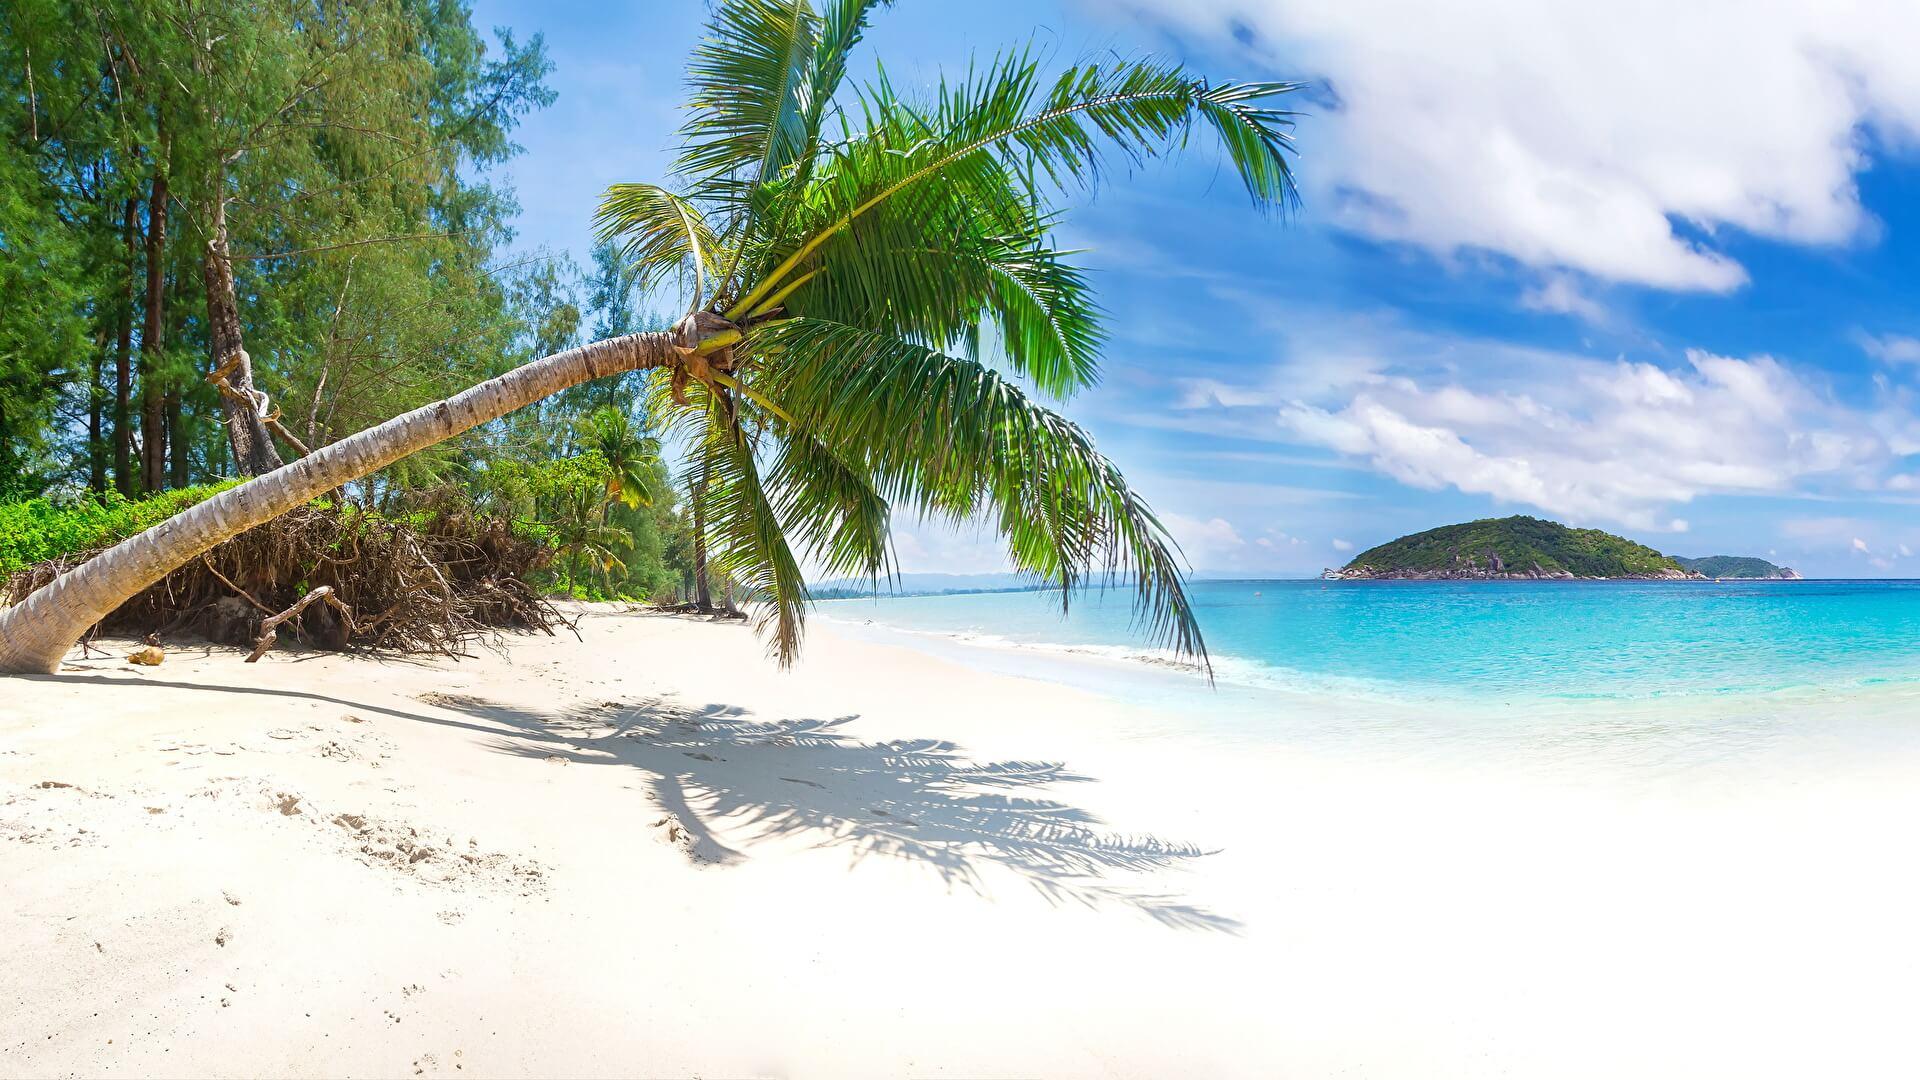 Красивые картинки пляжа для рабочего стола - подборка 6